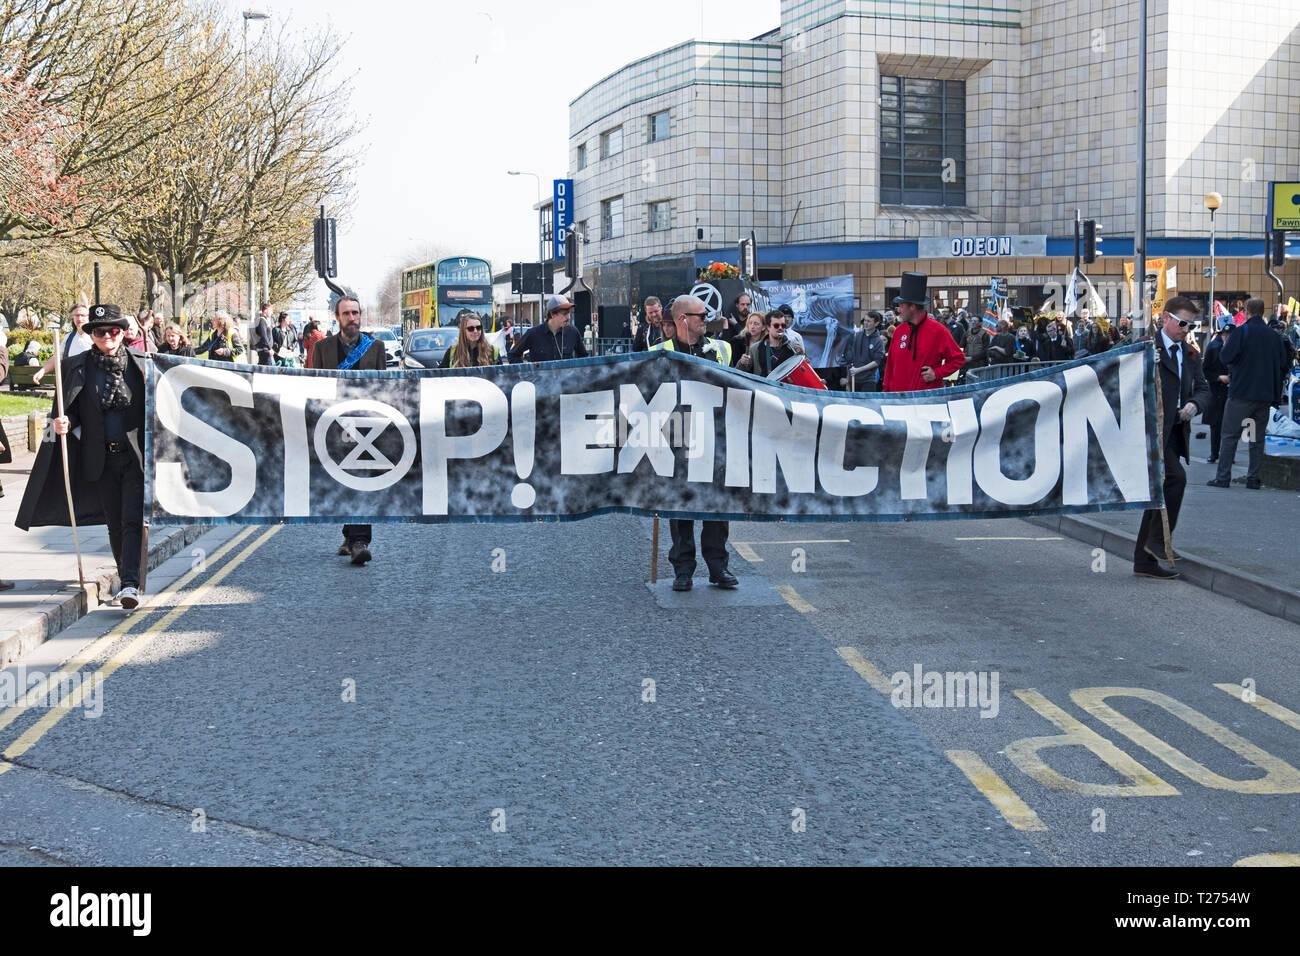 Weston-super-Mare, Royaume-Uni. 30 mars, 2019. Les manifestants contre le changement climatique, participer à un simulacre de funérailles. La manifestation était organisée par la rébellion Extinction Weston-super-Mare. Keith Ramsey/Alamy Live News Banque D'Images